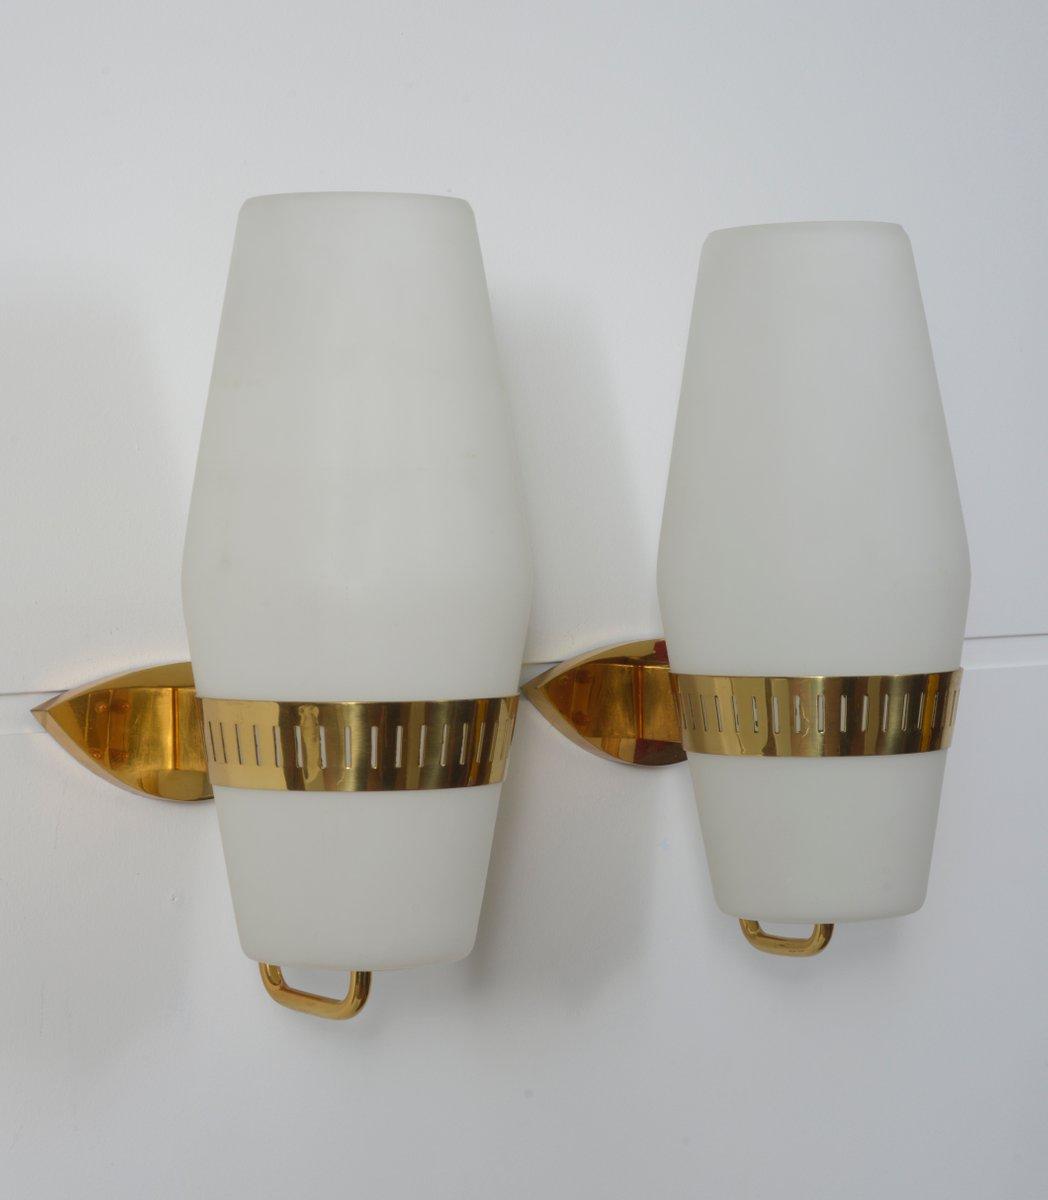 Lampade da parete vintage in ottone e vetro opalino di Stilnovo, set di 2 in vendita su Pamono